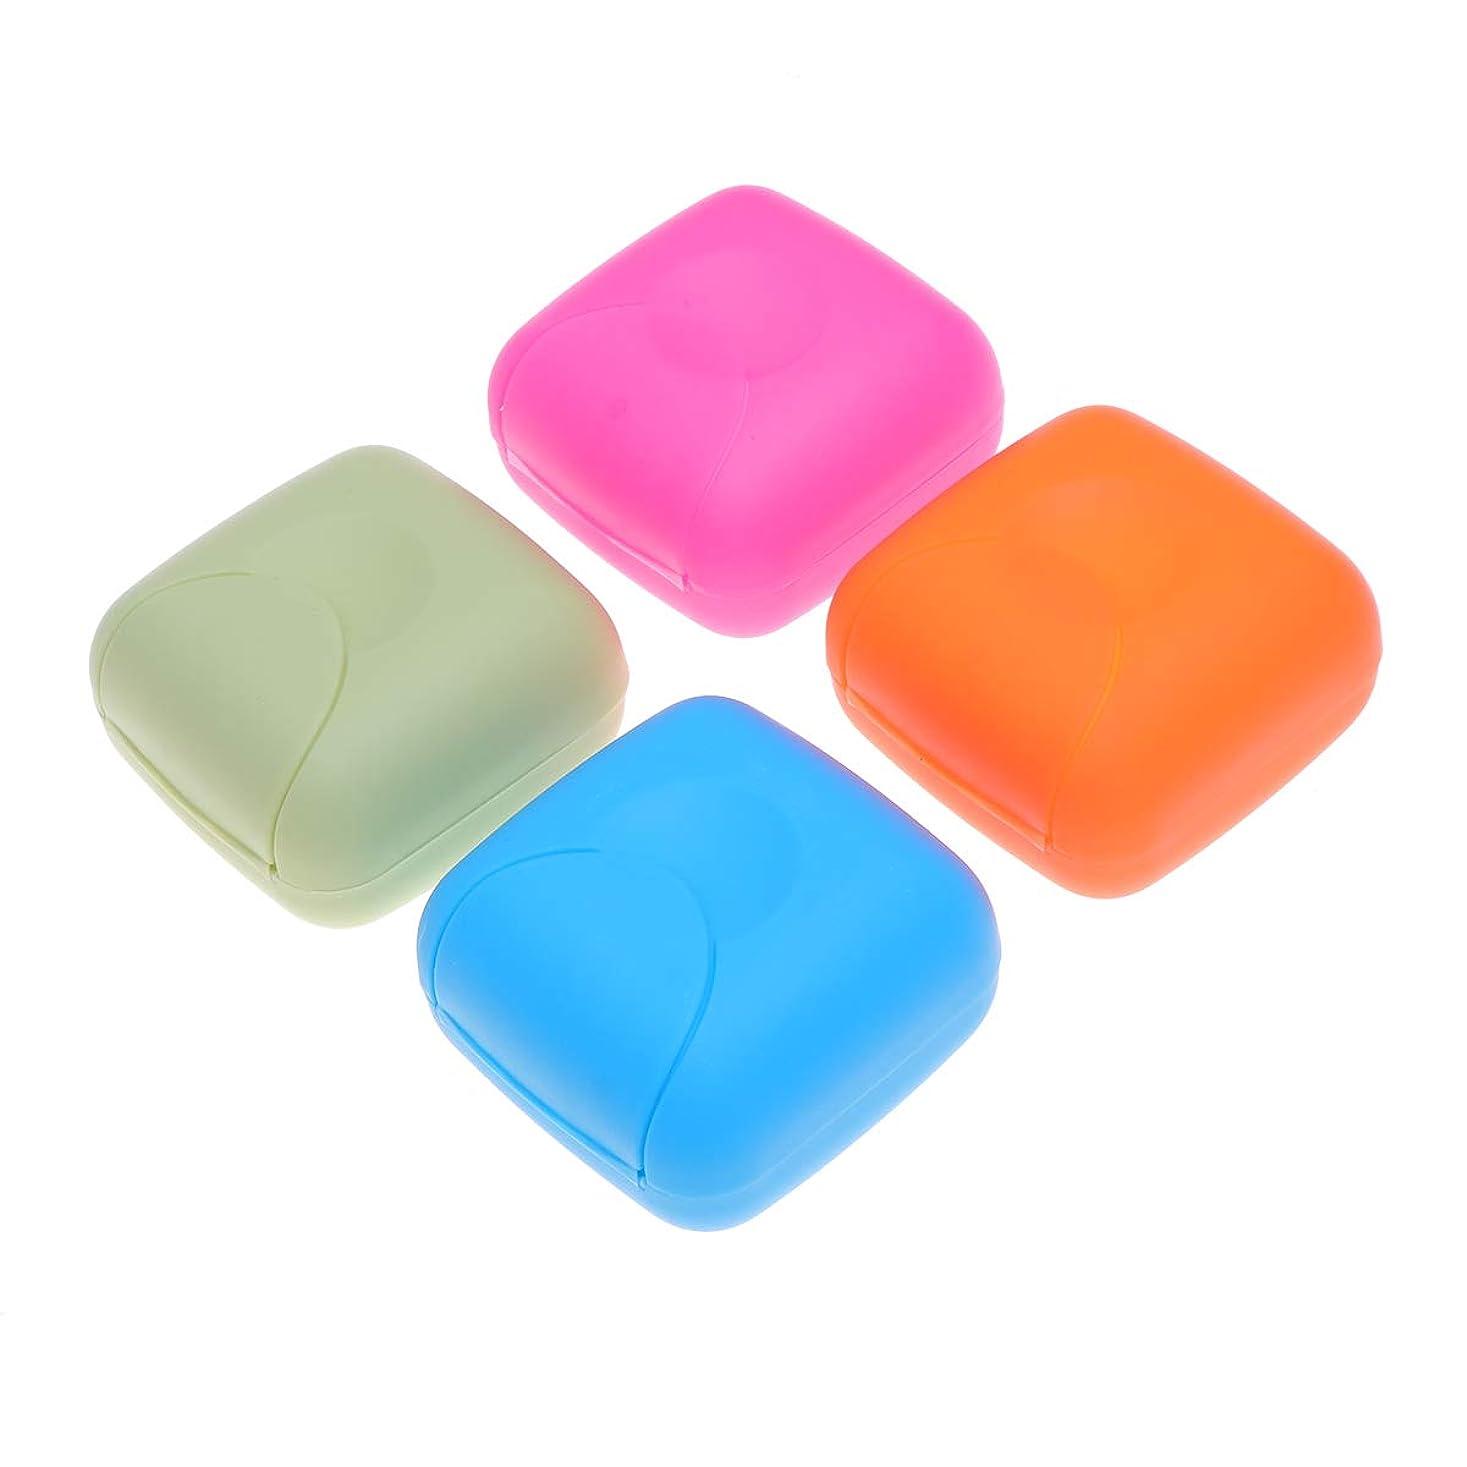 ファンドマウンド予算Healifty ソープボックスポータブルソープディッシュソープケース4本(ブルー、ロージー、オレンジ、ピンク)